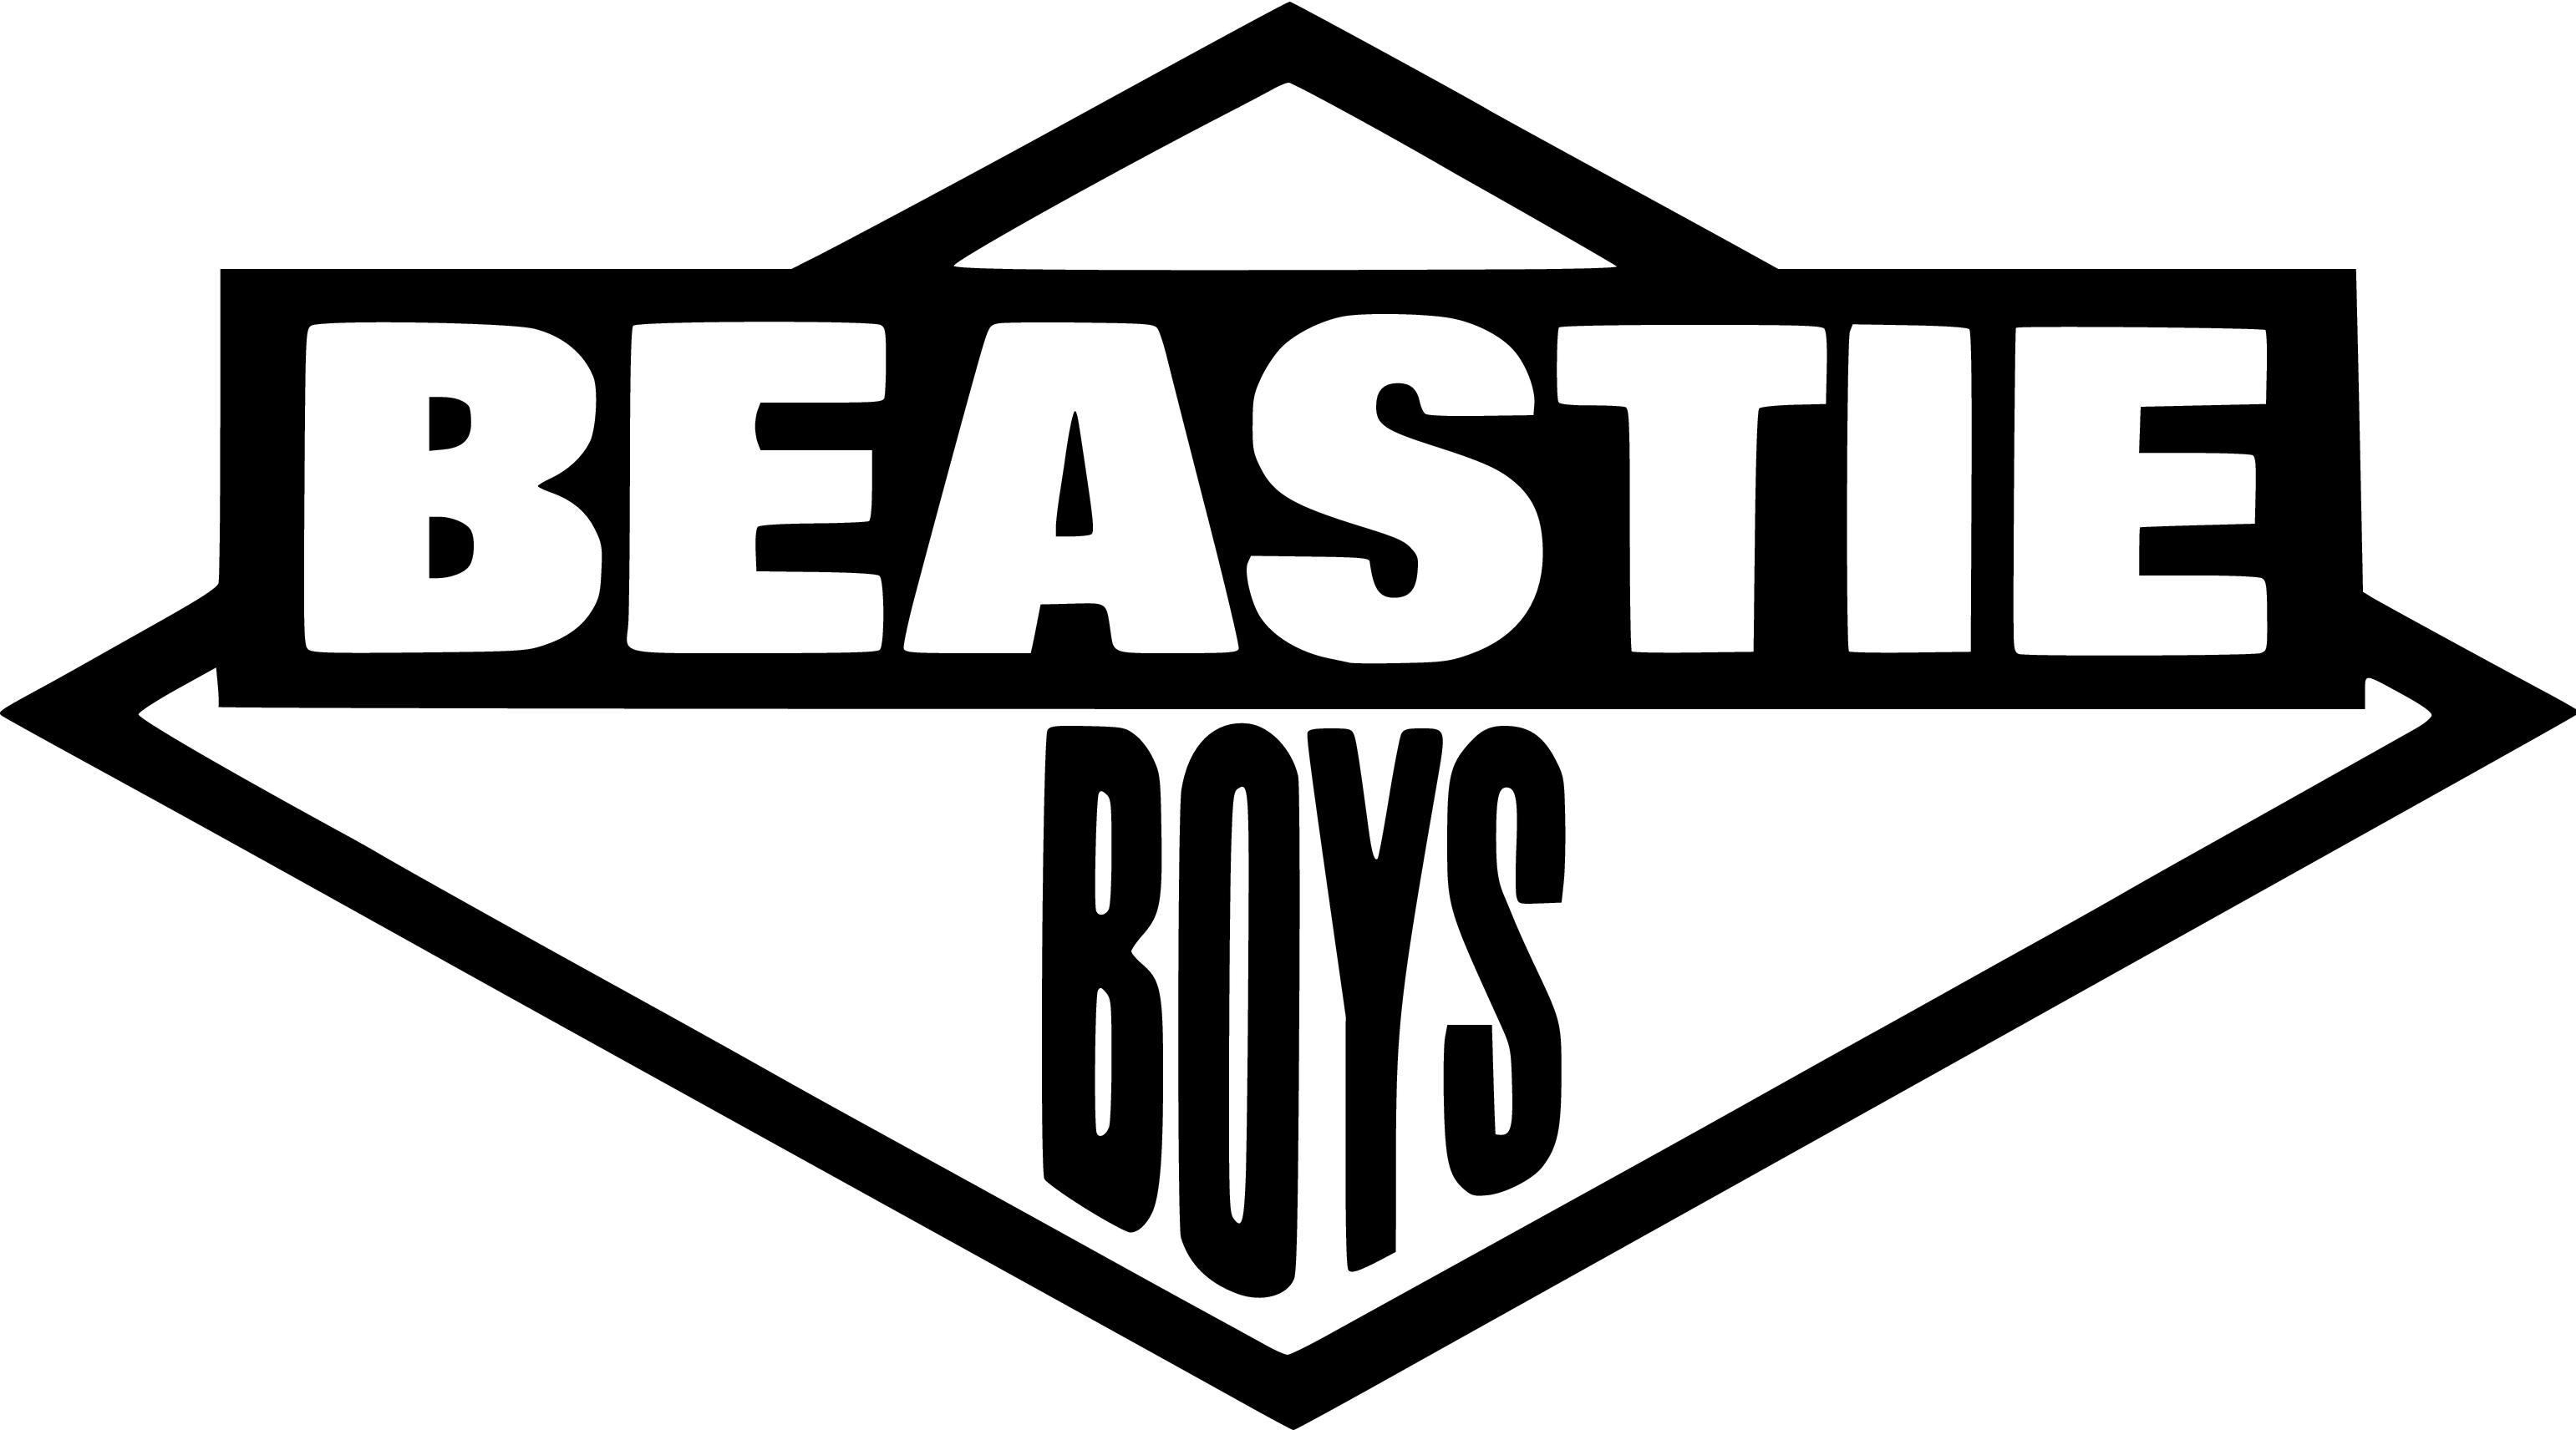 Beastie boys sabotage wallpaper